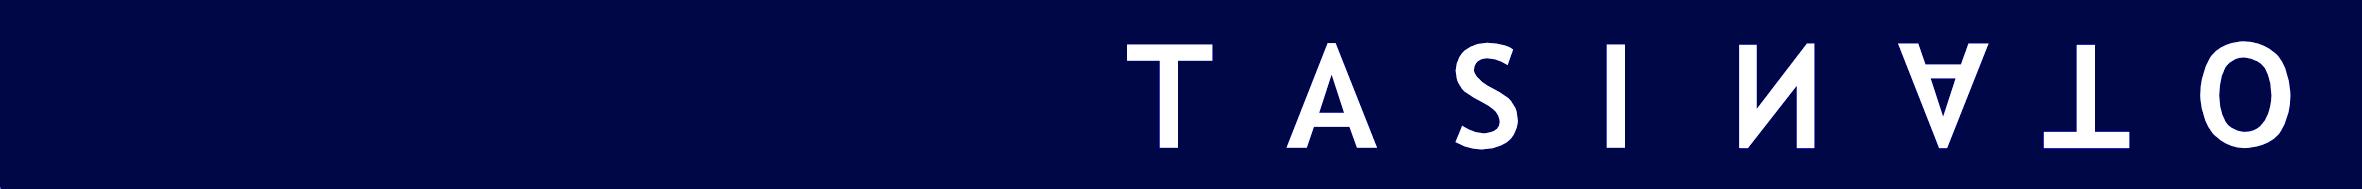 Ferruccio Tasinato